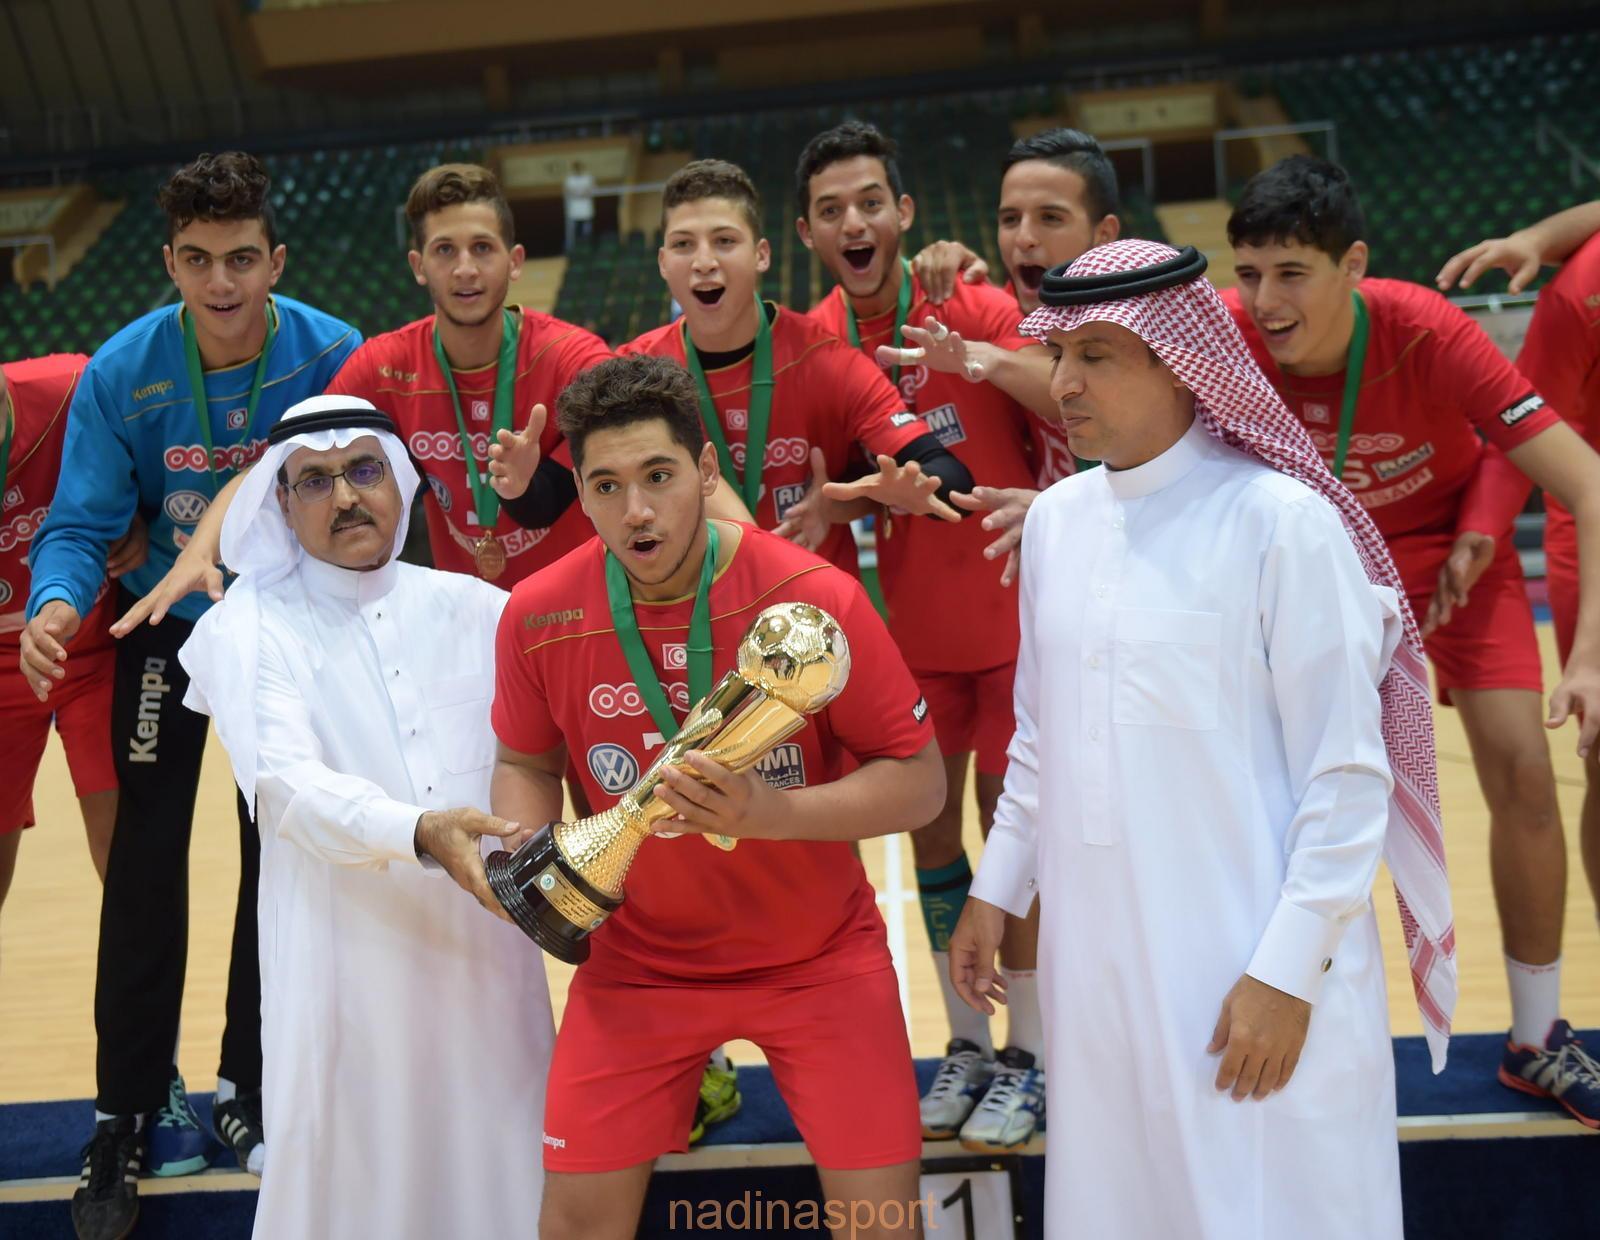 تونس تتوج باللقب العربي للمرة الثالثة